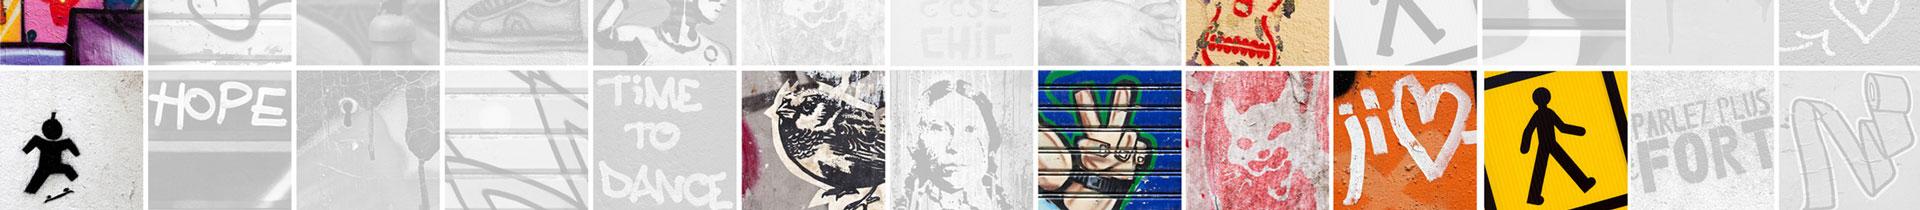 creativteam - die zuverlässige und preiswerte Werbeagentur in München